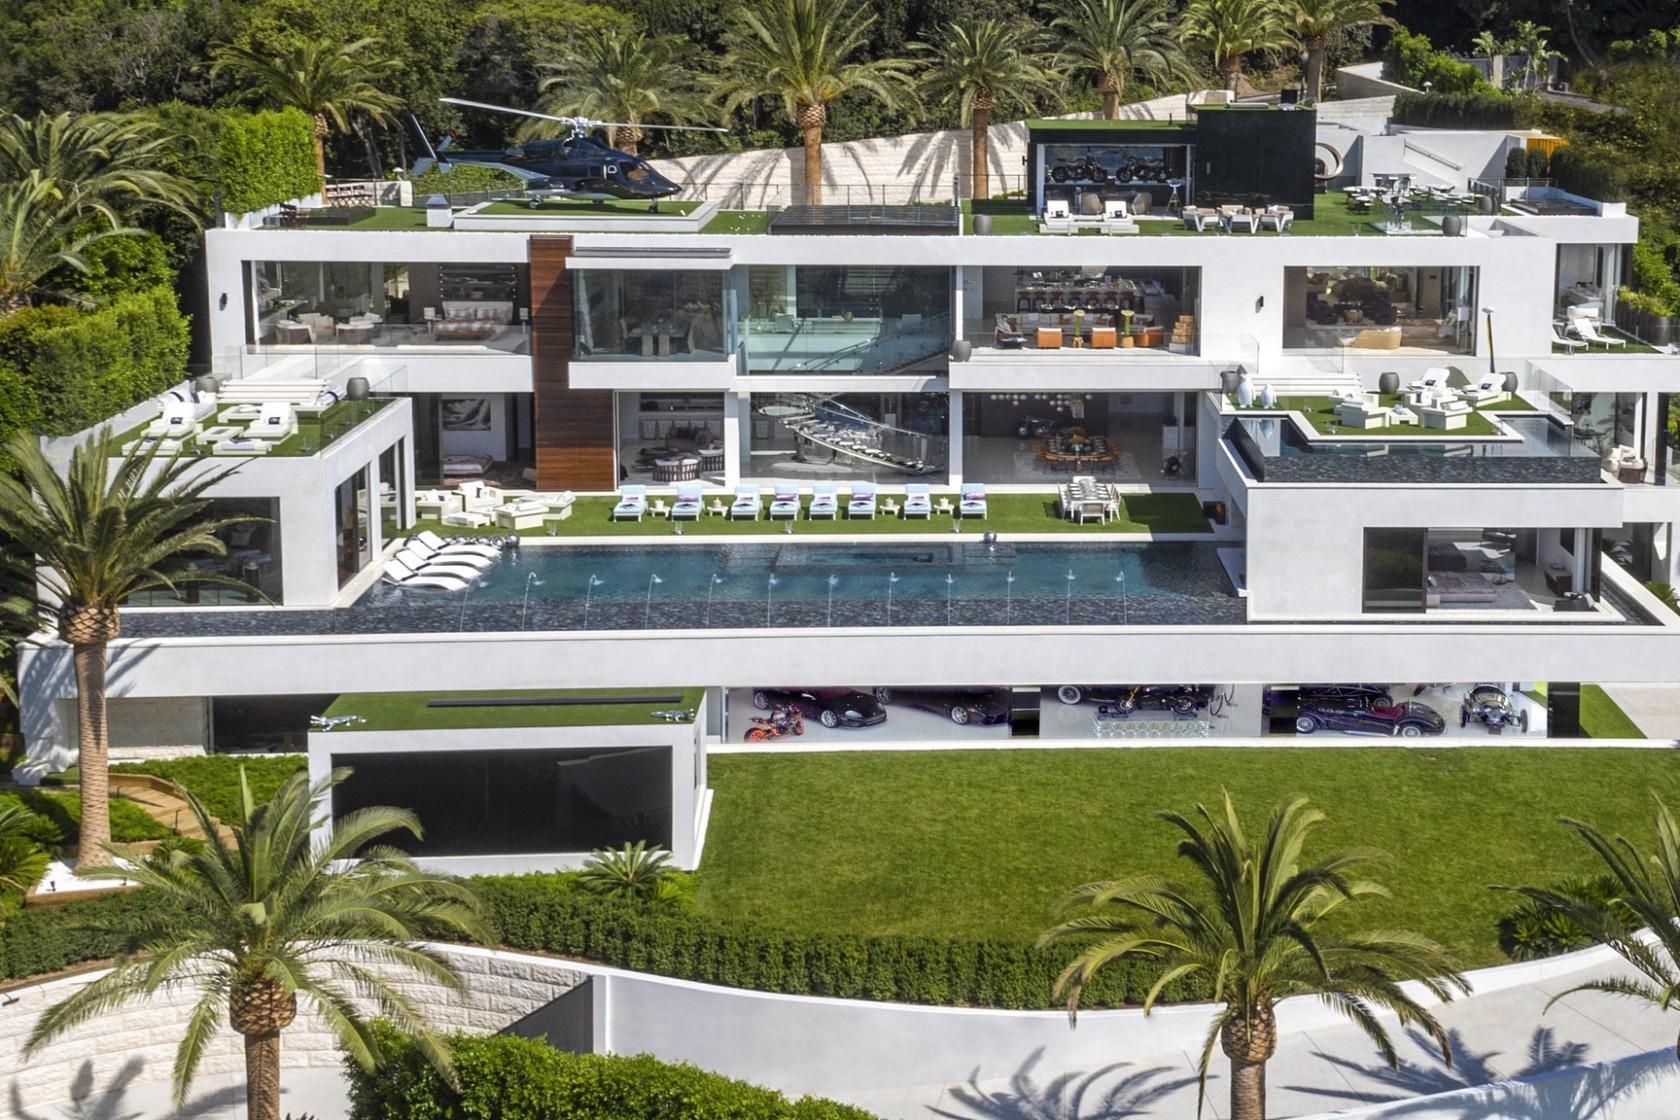 Traumhaus in Bel Air: Dieses $250 Millionen Dollar Anwesen wechselt für $94 Millionen den Besitzer 1